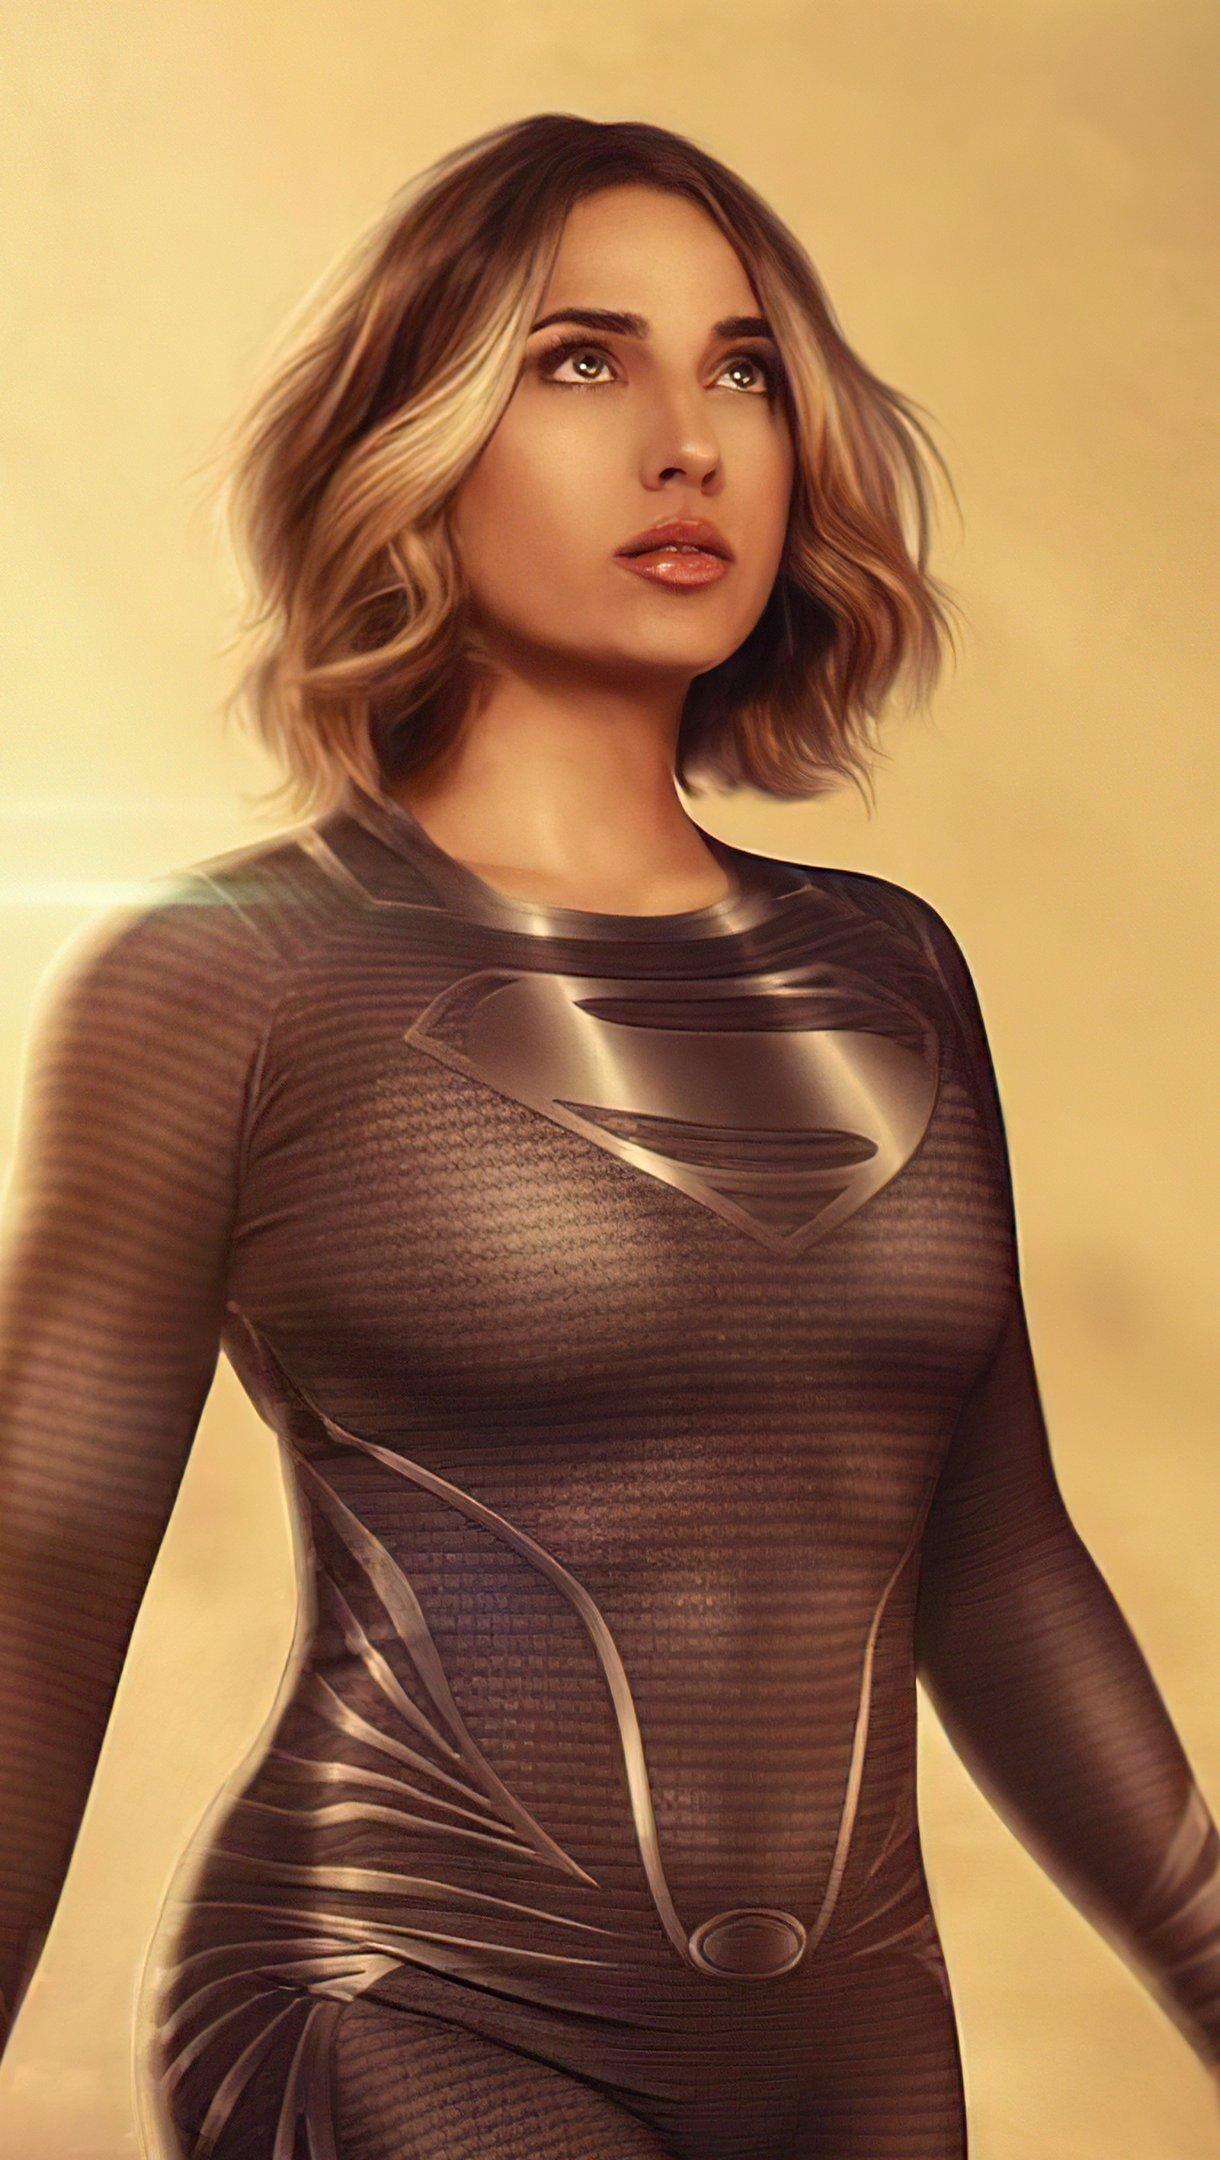 Fondos de pantalla Supergirl con traje negro Cosplay Vertical